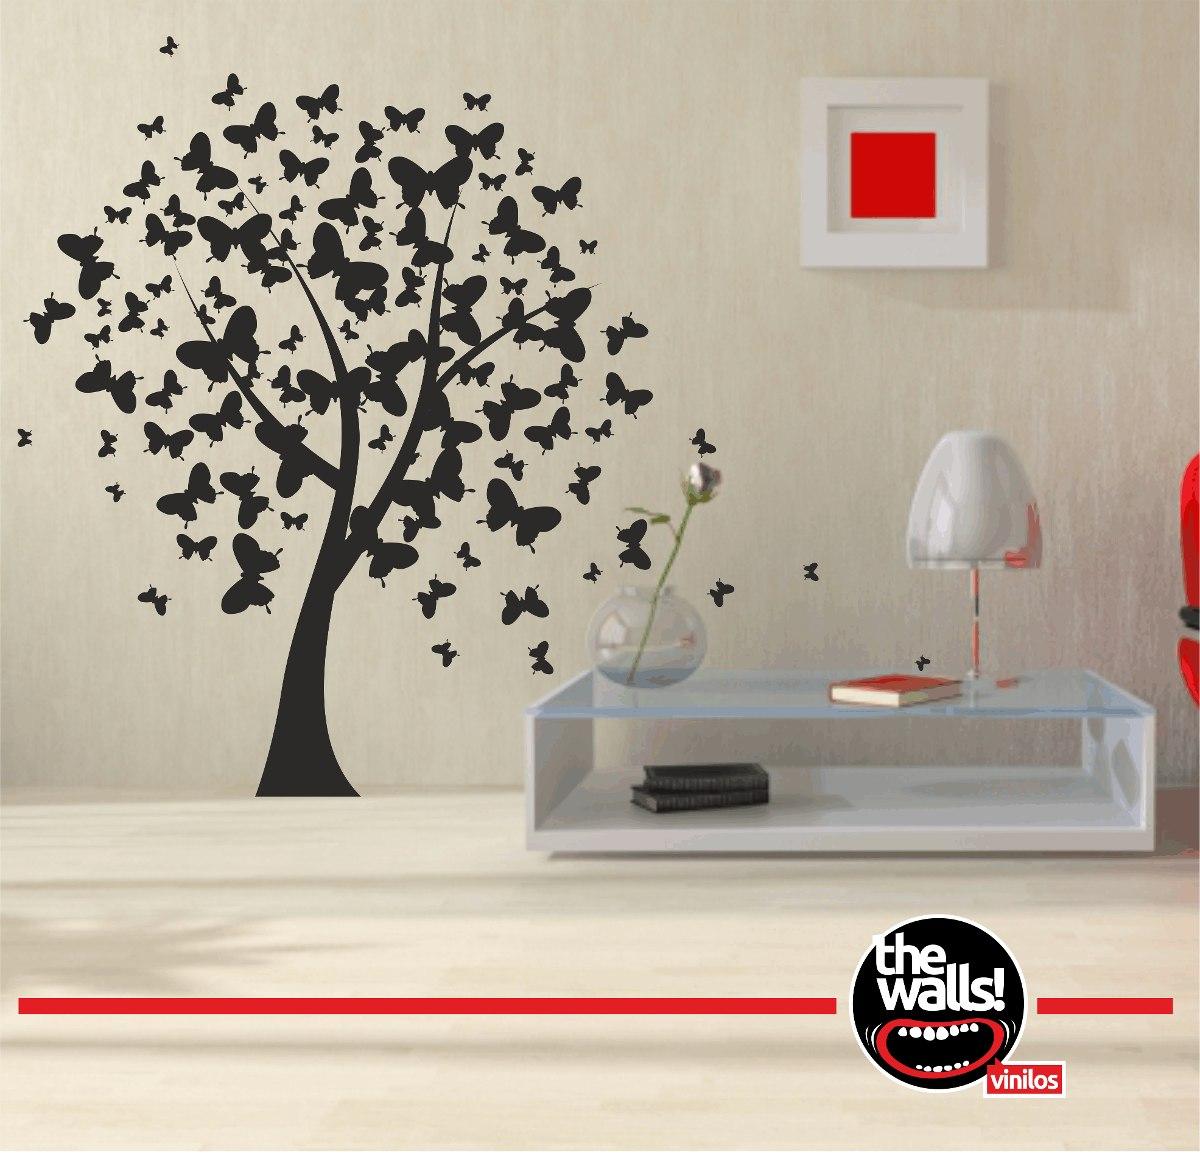 Gusmark publicidad interior exterior montajes y for Vinilos decorativos pared 3d